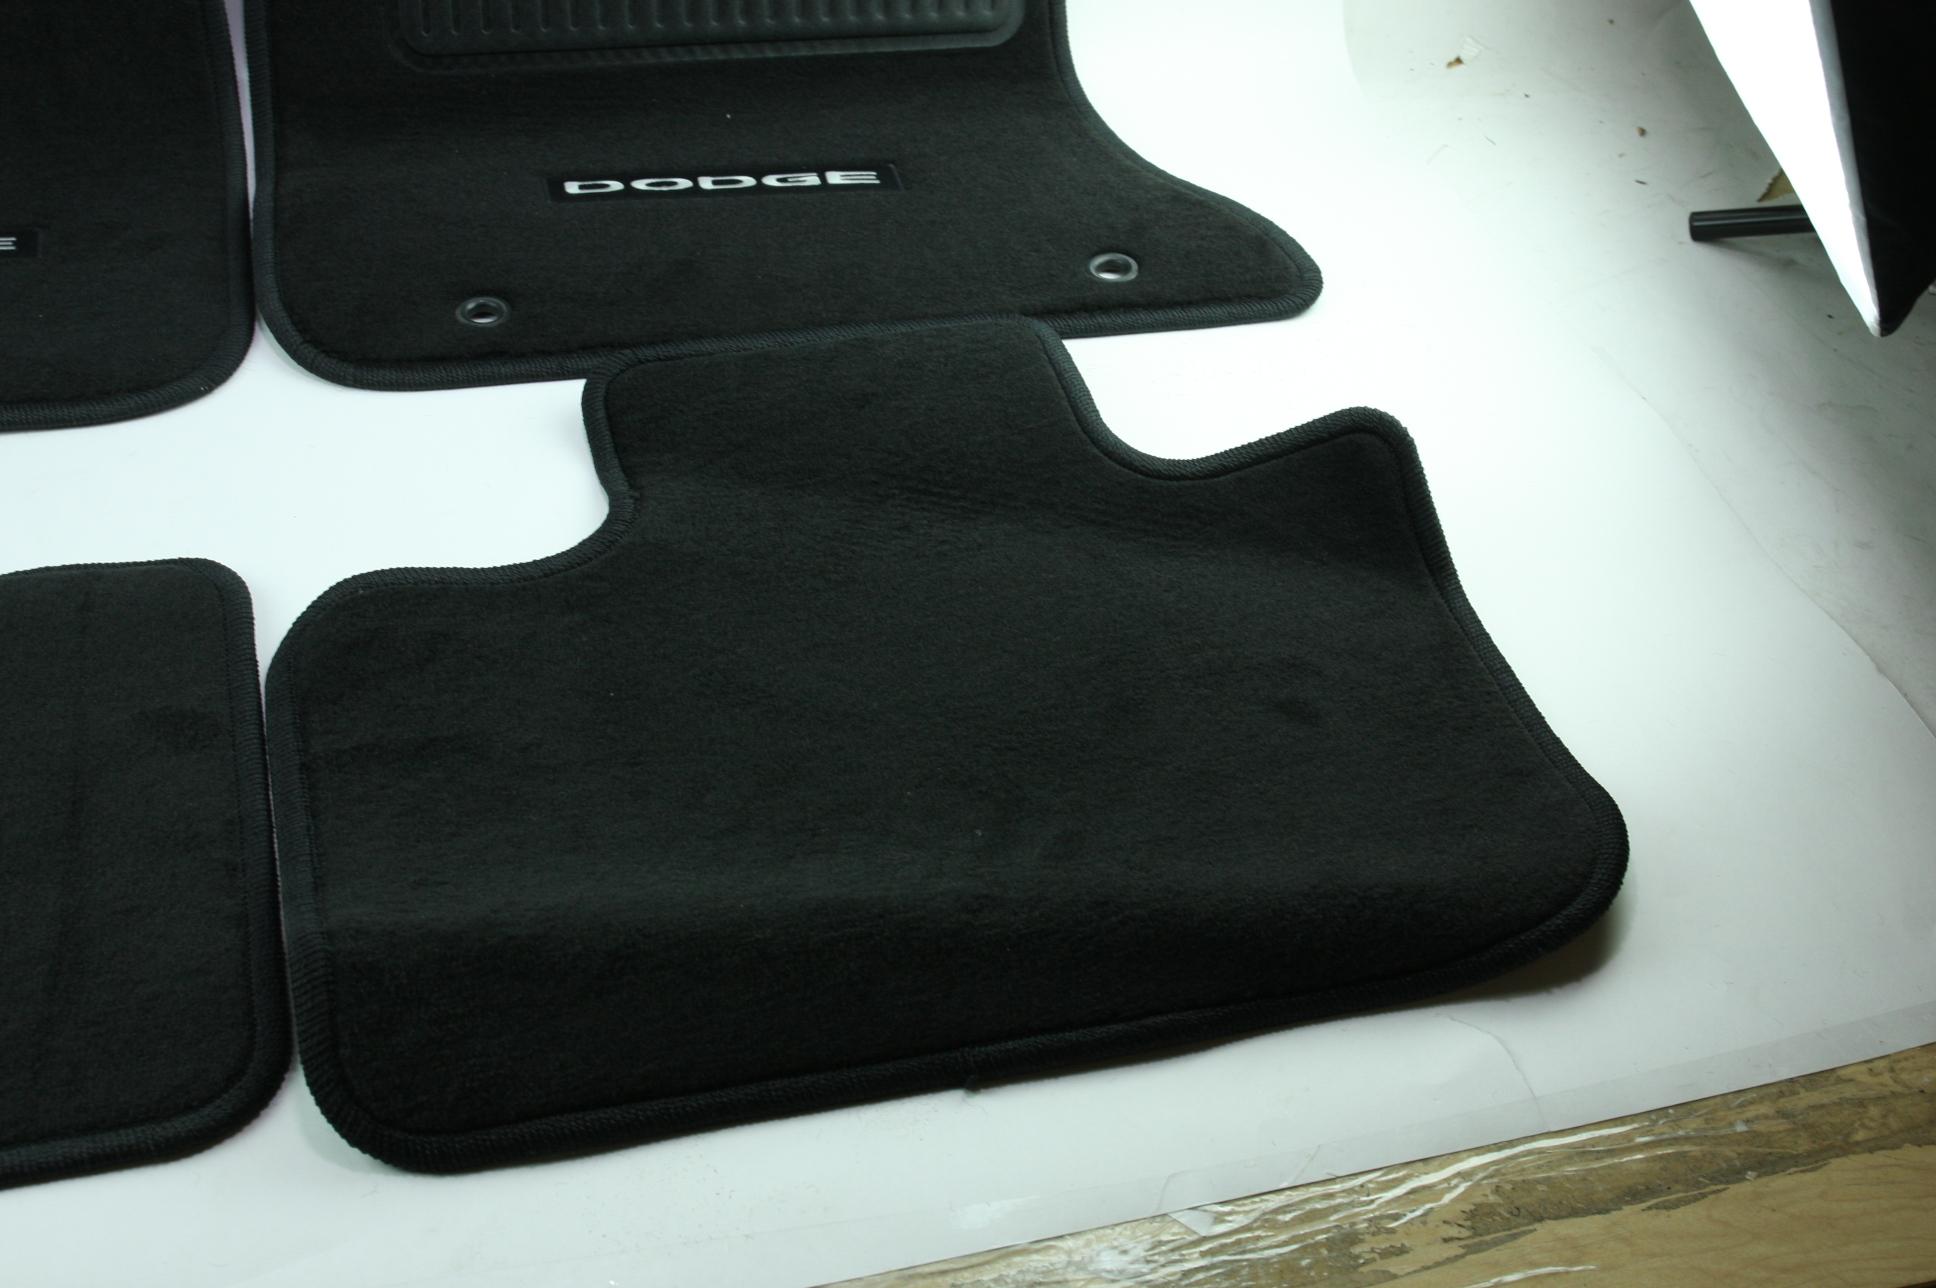 ** New OEM Genuine Mopar 1NL24DX9AC 11-12 Dodge Charger Mat Kit Front & Rear - image 7